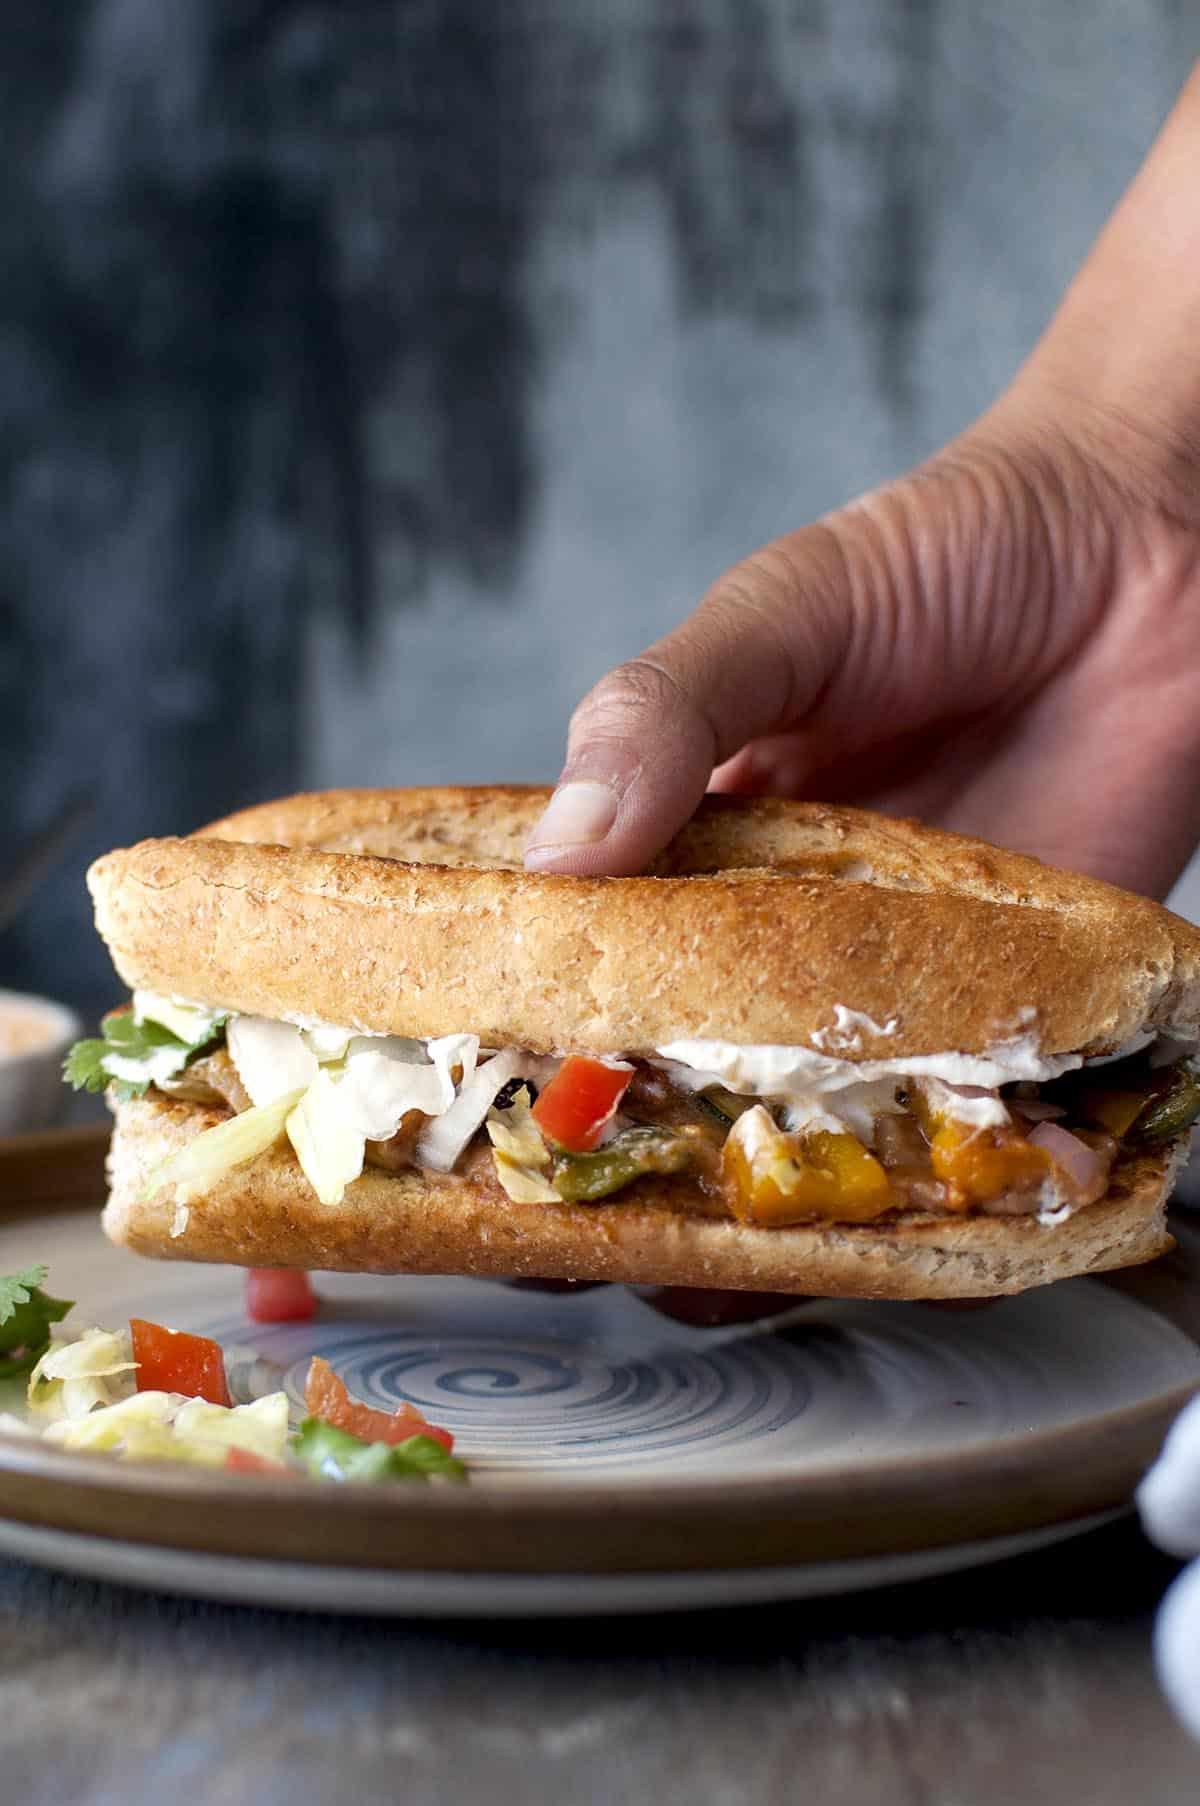 Hand holding a vegetarian torta